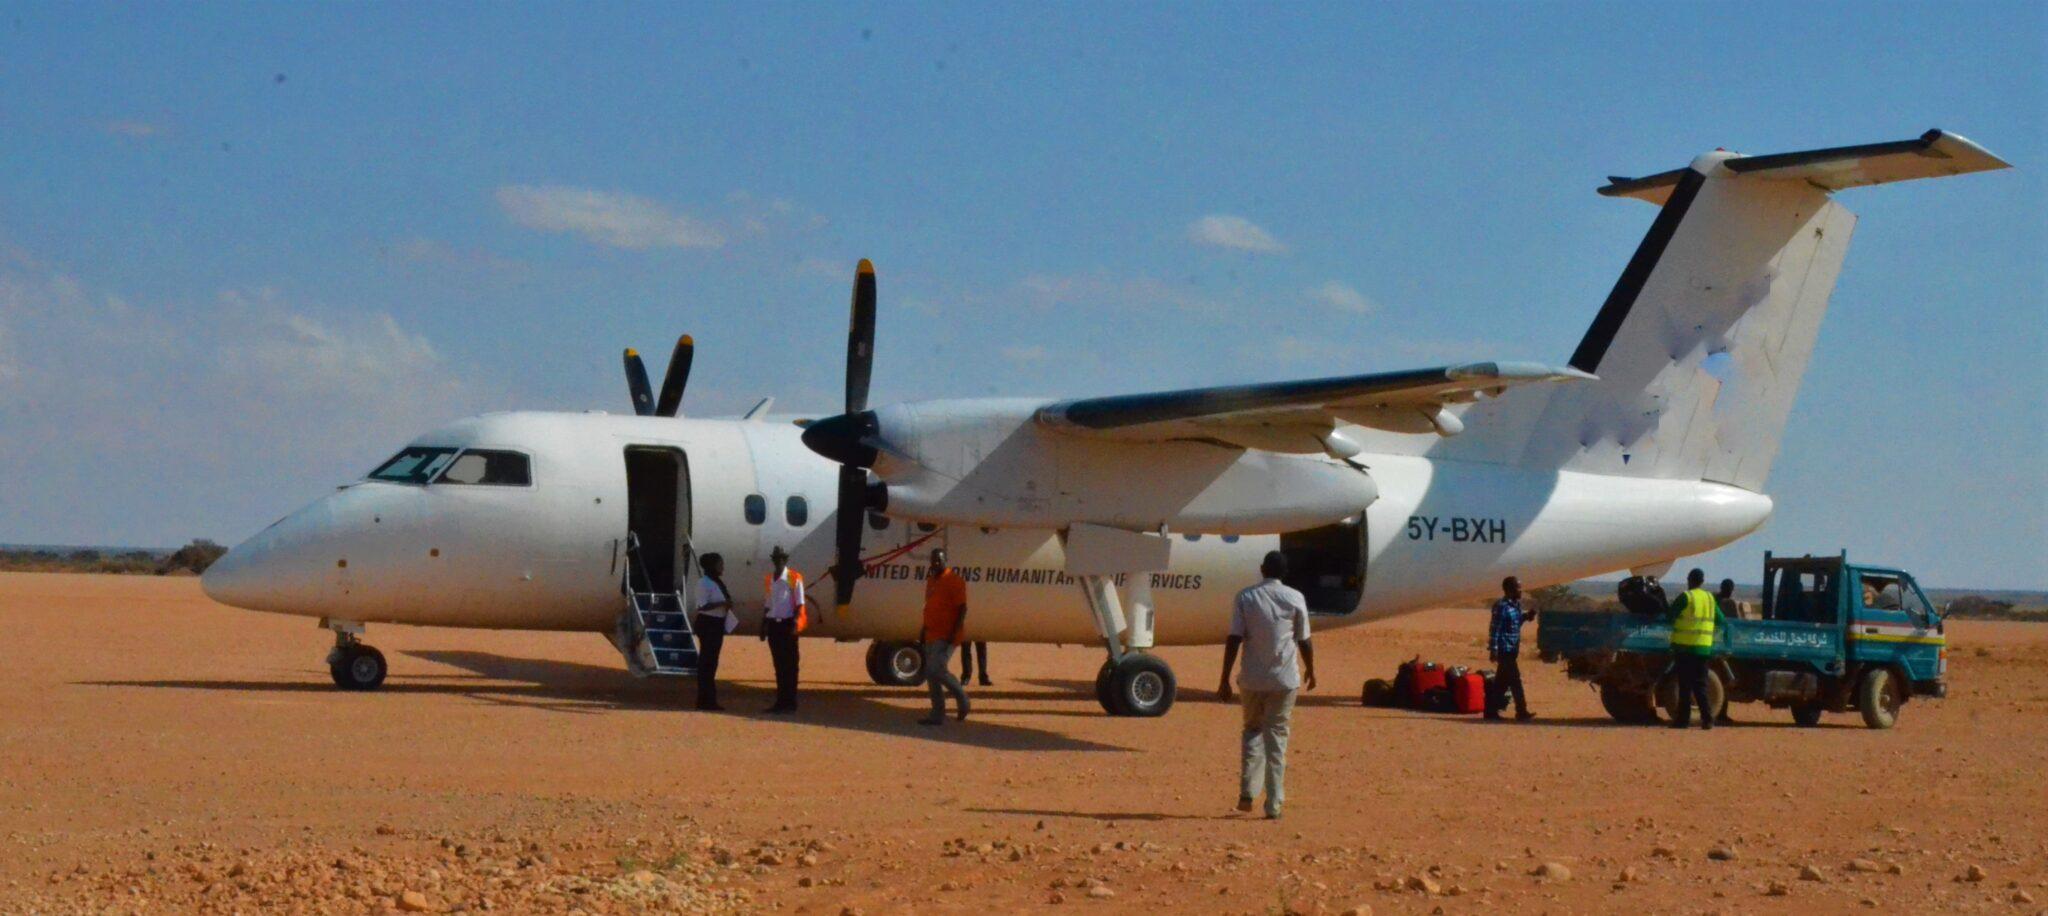 KN95 delivery in Somalia